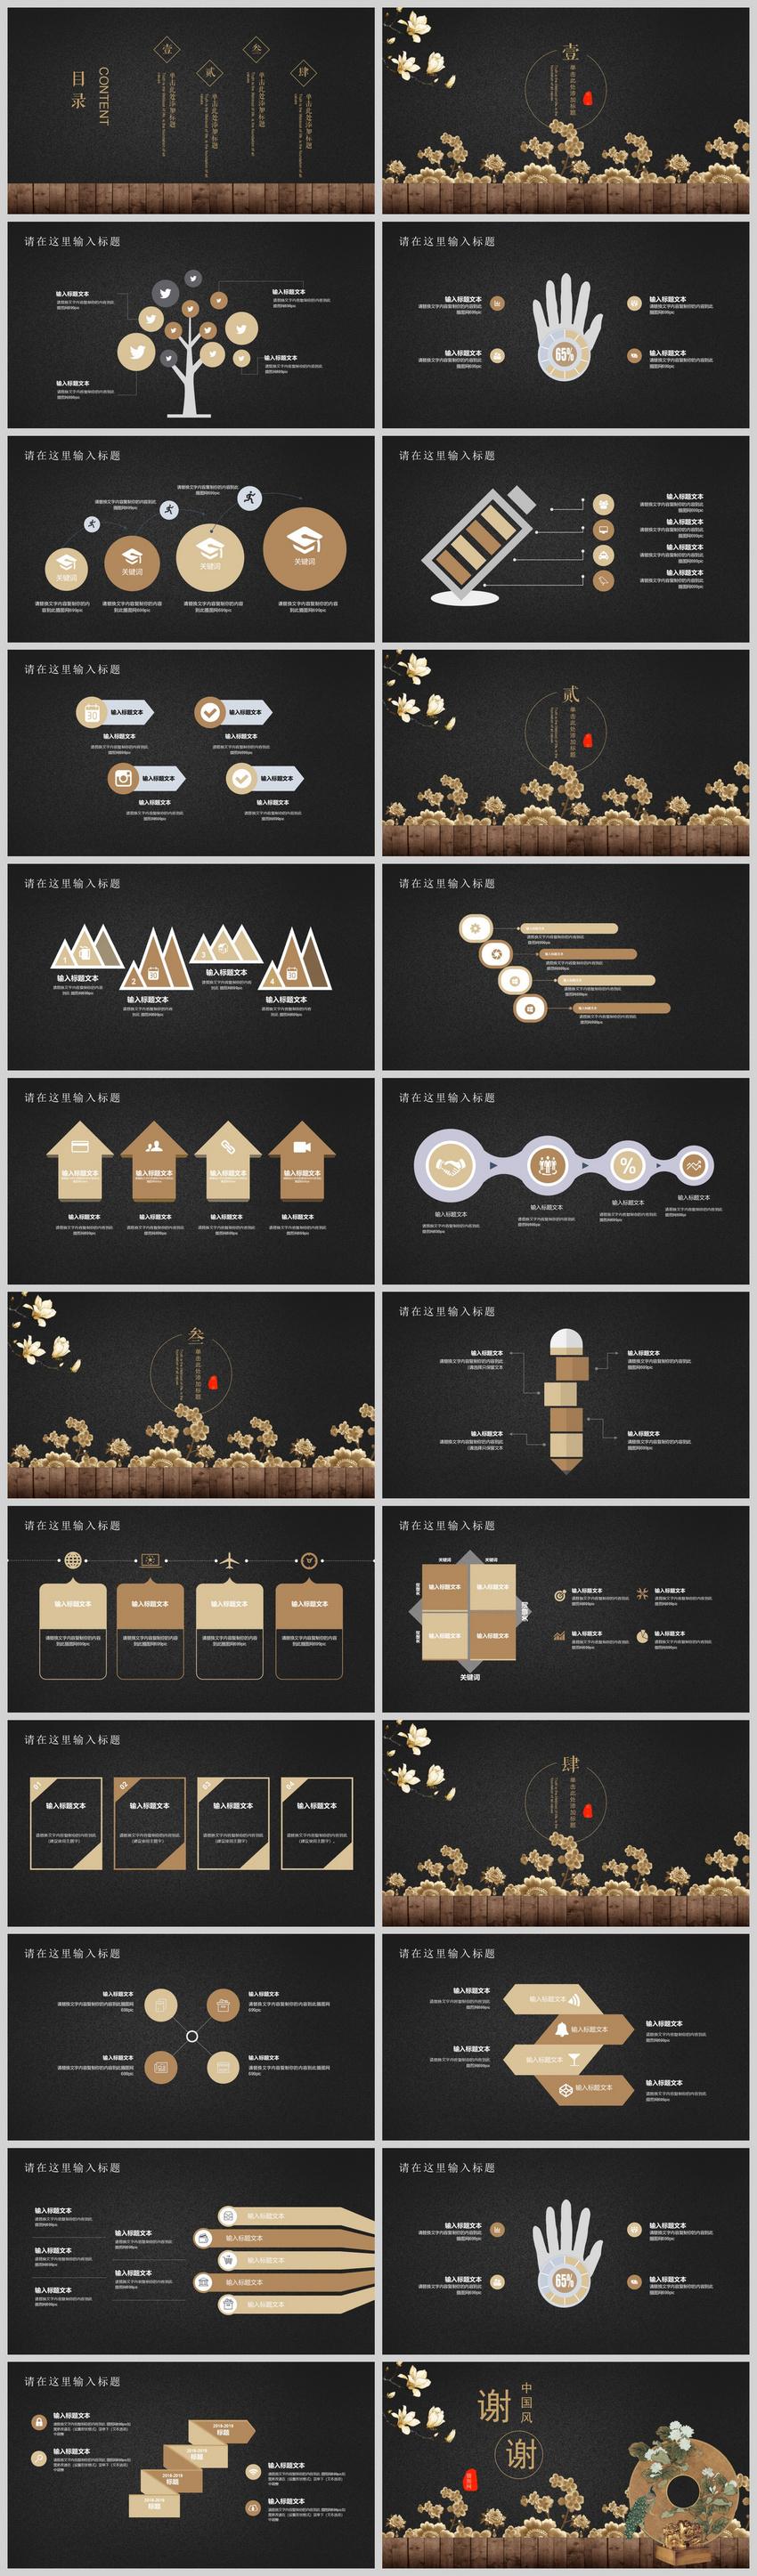 中国风年终总结PPT模板图片